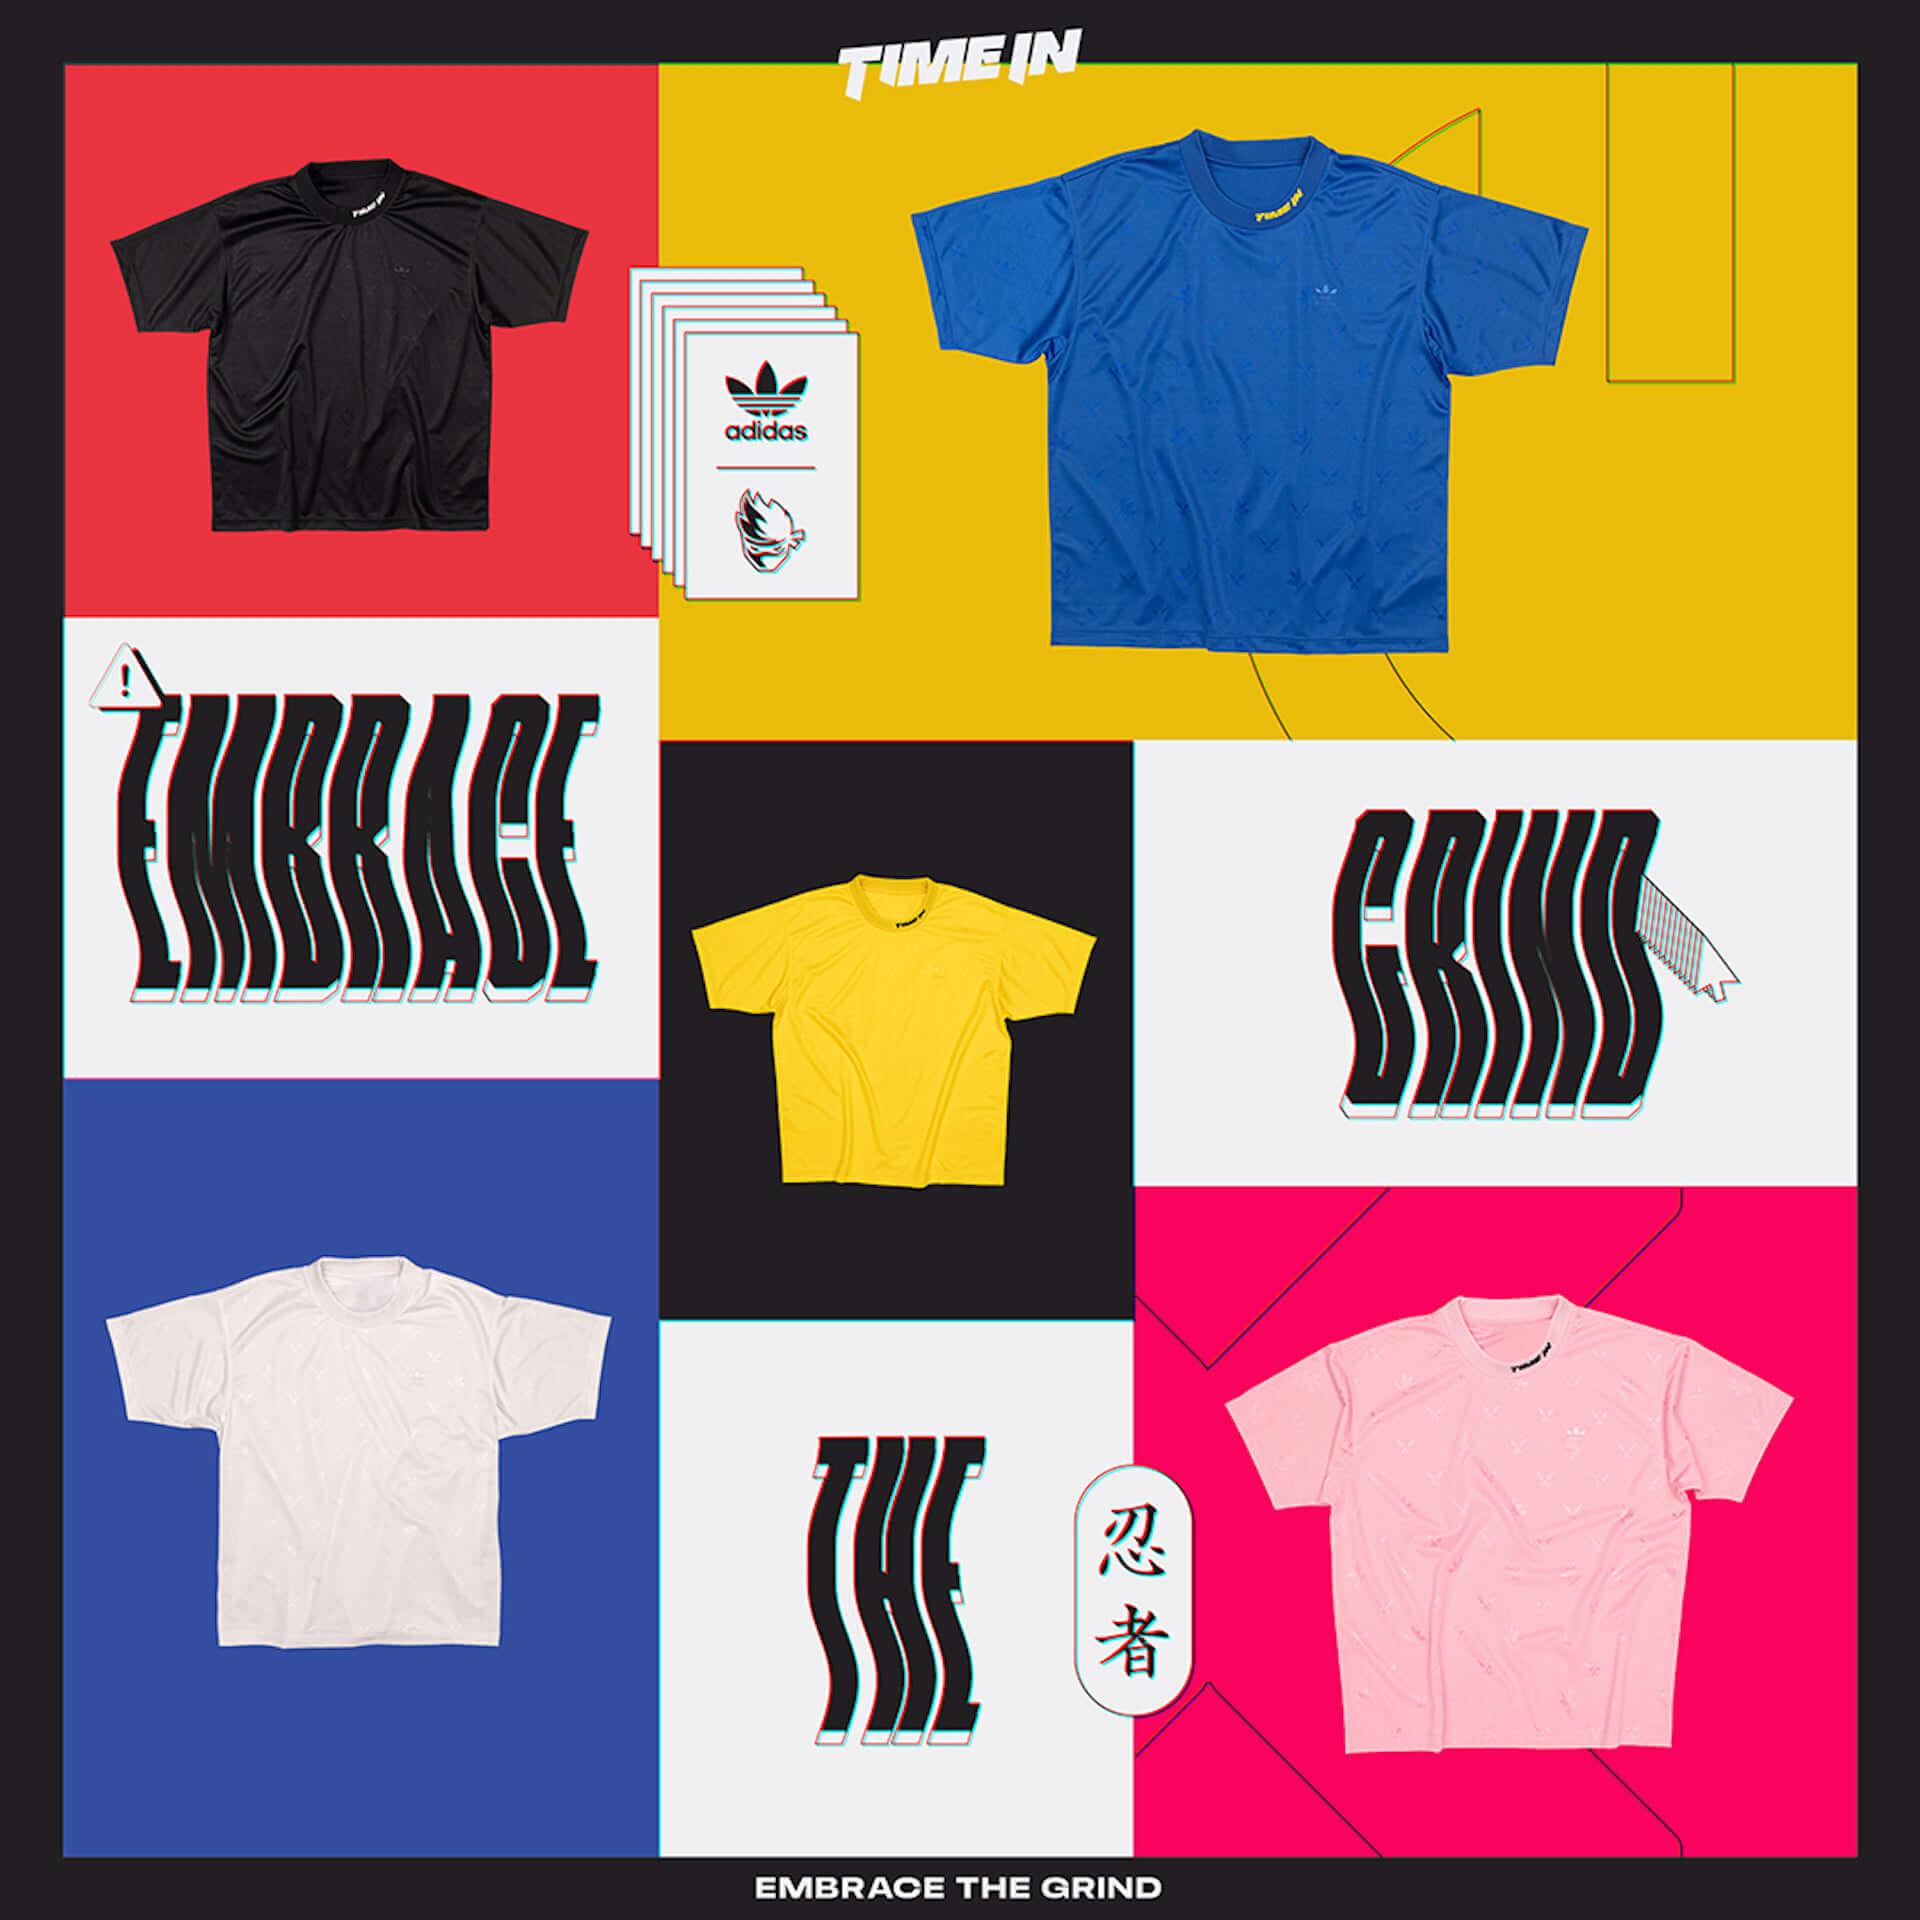 adidas Originalsと大人気ゲームストリーマー・Ninjaの最新コラボコレクションが登場!特別モデル『NINJA ZX 2K BOOST』やTシャツなど多数展開 lf201203_adidas_7-1920x1920